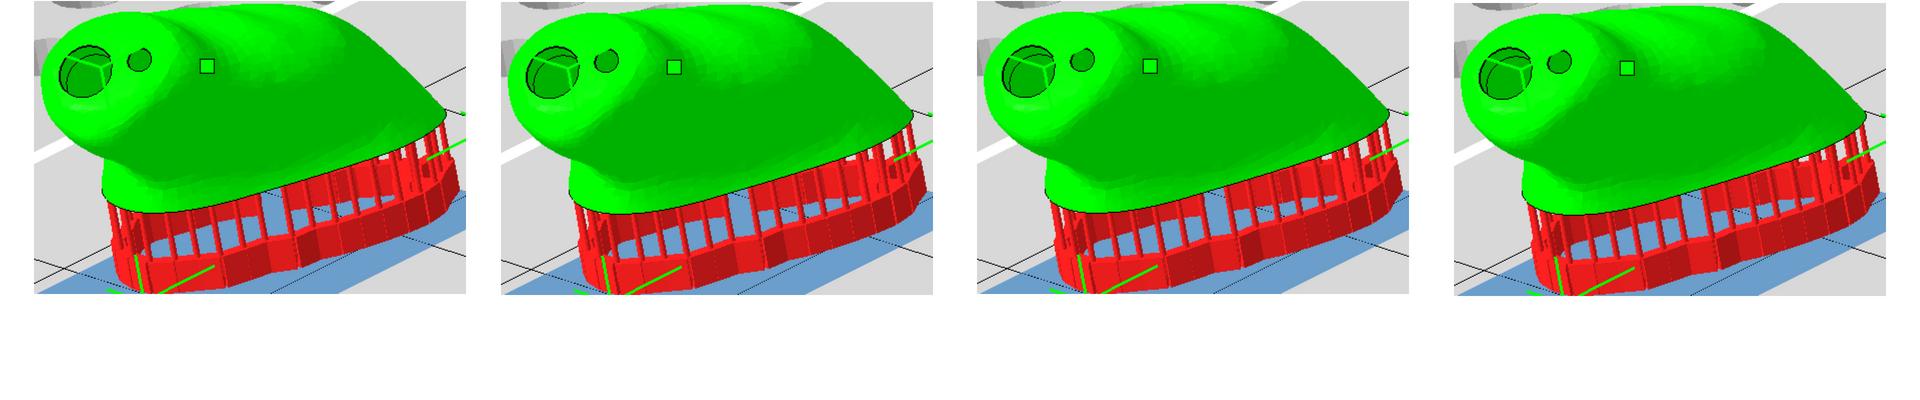 drukowanie-3d-blog-post-image